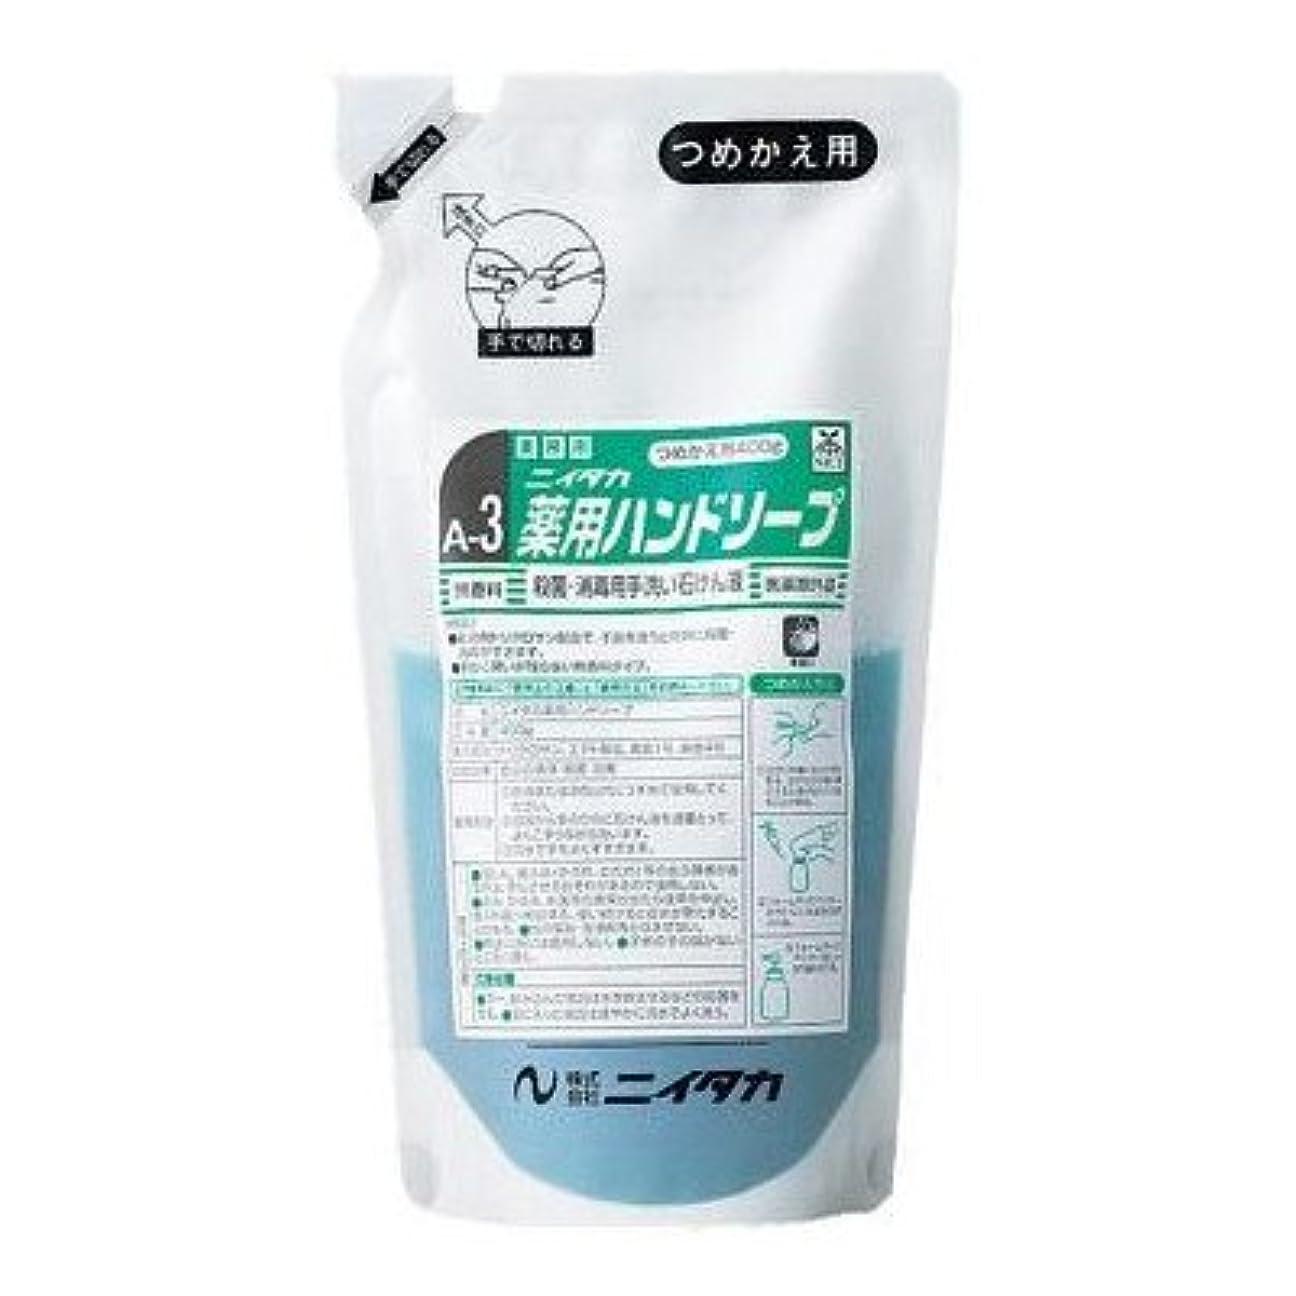 発行する優れた振り子ニイタカ 業務用手洗い石けん液 薬用ハンドソープ(A-3) 400g×6本